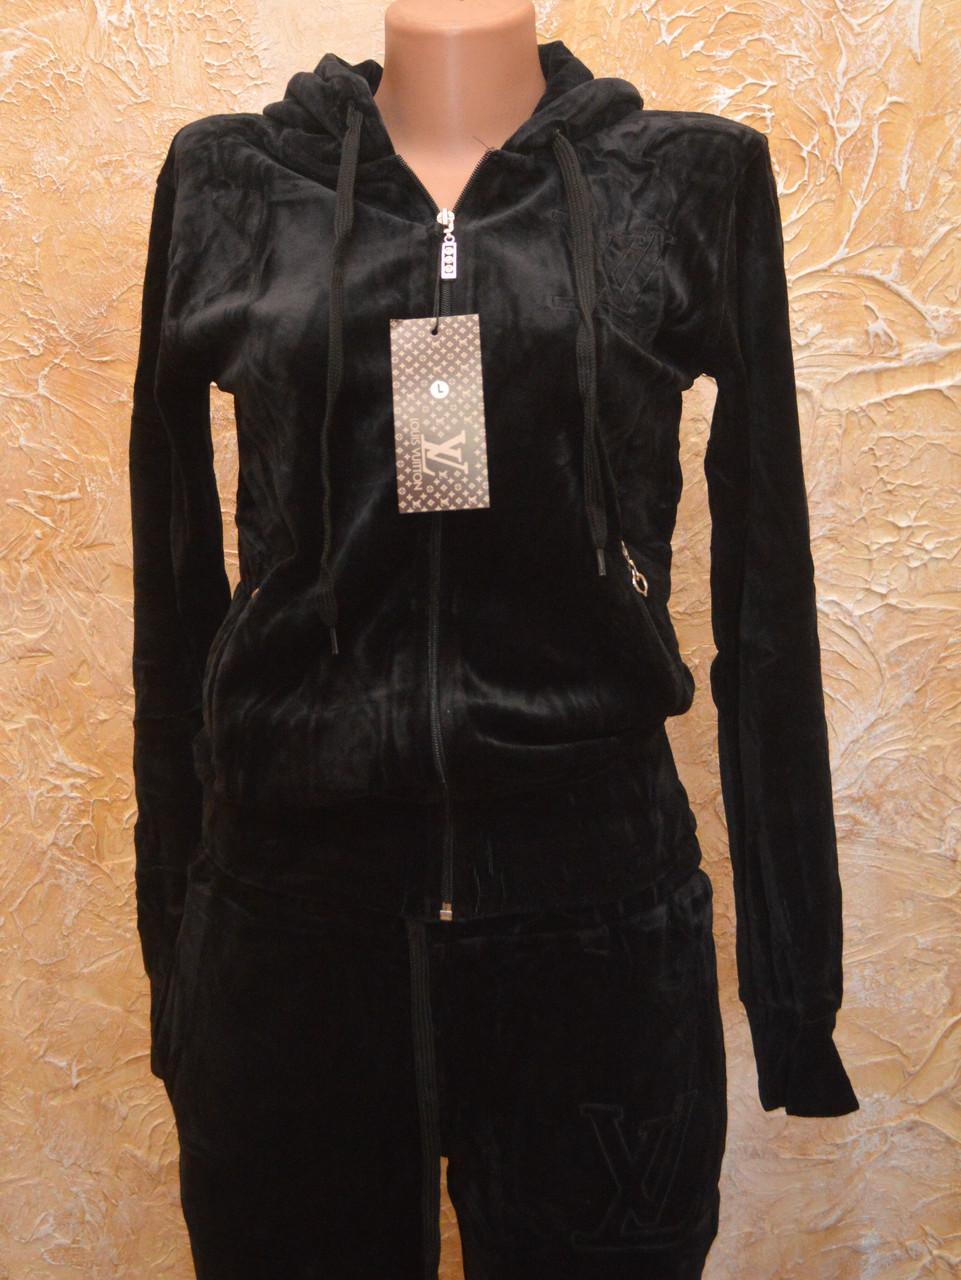 Велюровый спортивный костюм Louis Vuitton (копия) - Casual Wear Shop в Умани 2c104f8c3a9